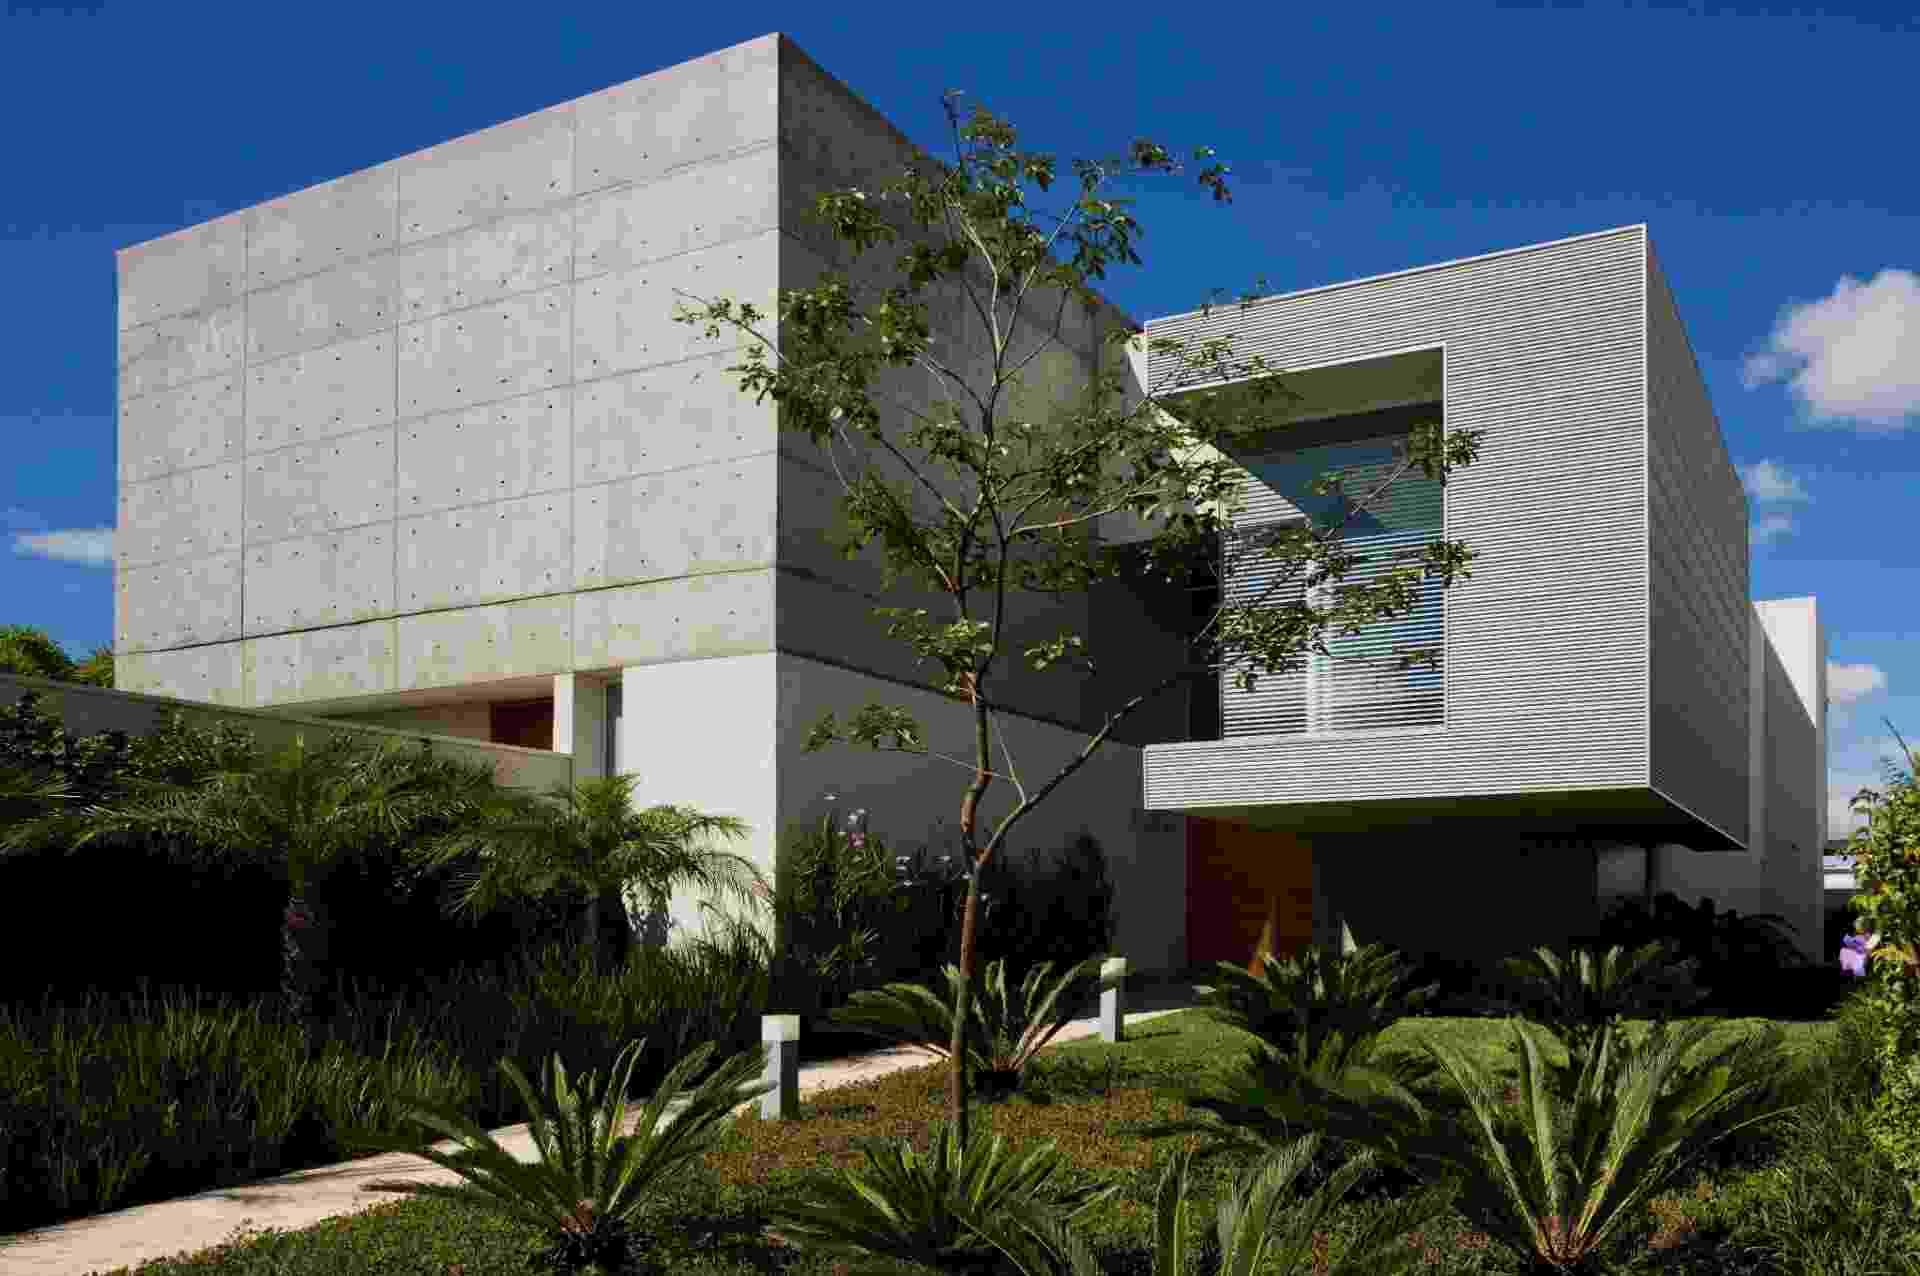 """O concreto armado aparente foi moldado """"in loco"""" e assegura a contemporaneidade da Casa FG, projetada pelo escritório Reinach Mendonça Arquitetos Associados. Destaque para o volume do escritório em balanço de 3,2 m, revestido por uma estrutura metálica - Nelson Kon/ Divulgação"""